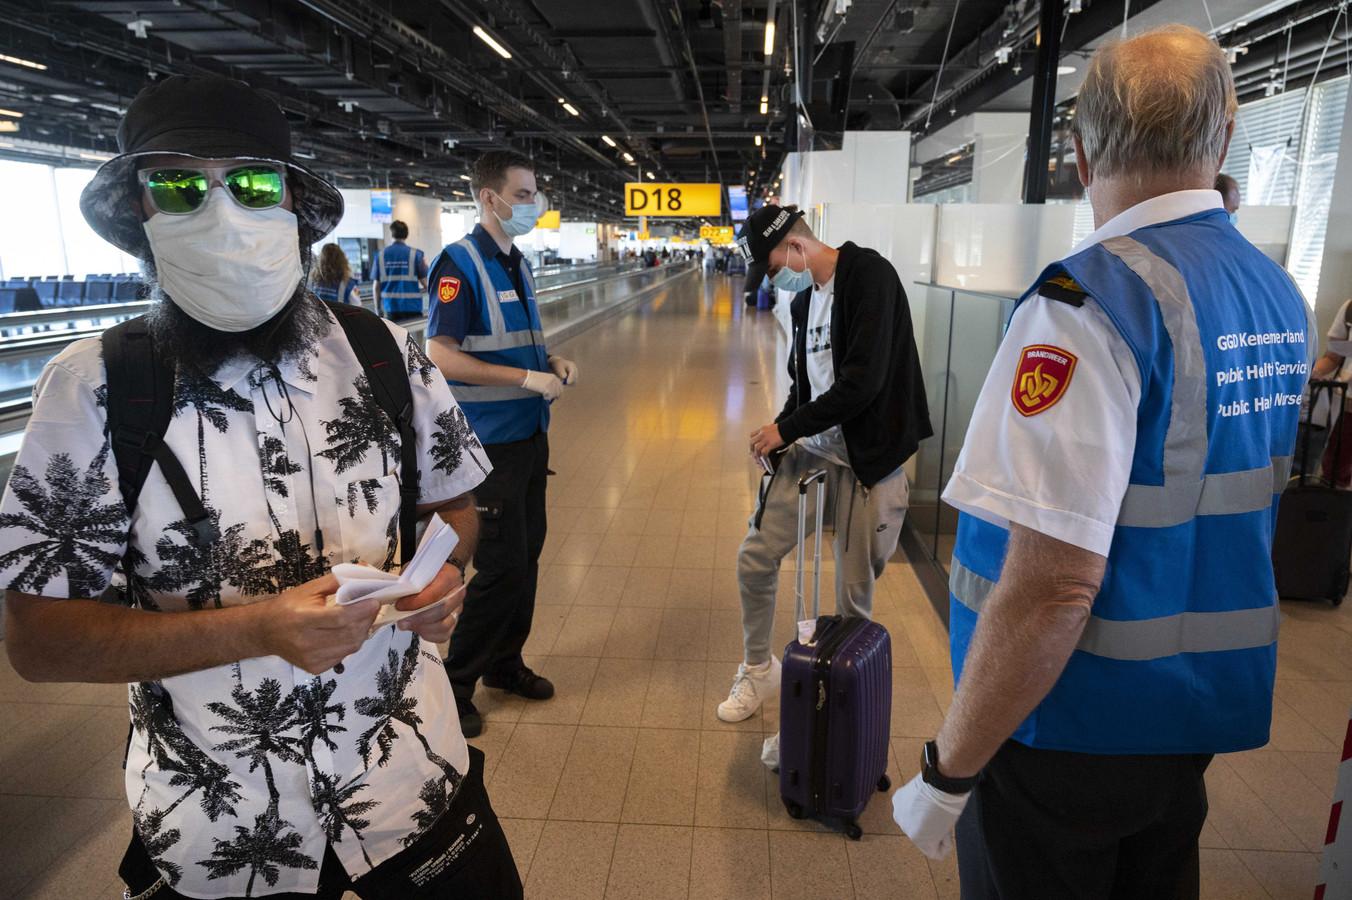 Medewerkers van de GGD ondervragen reizigers op luchthaven Schiphol. Reizigers uit risicogebieden worden achter de douane gecontroleerd op coronaklachten.